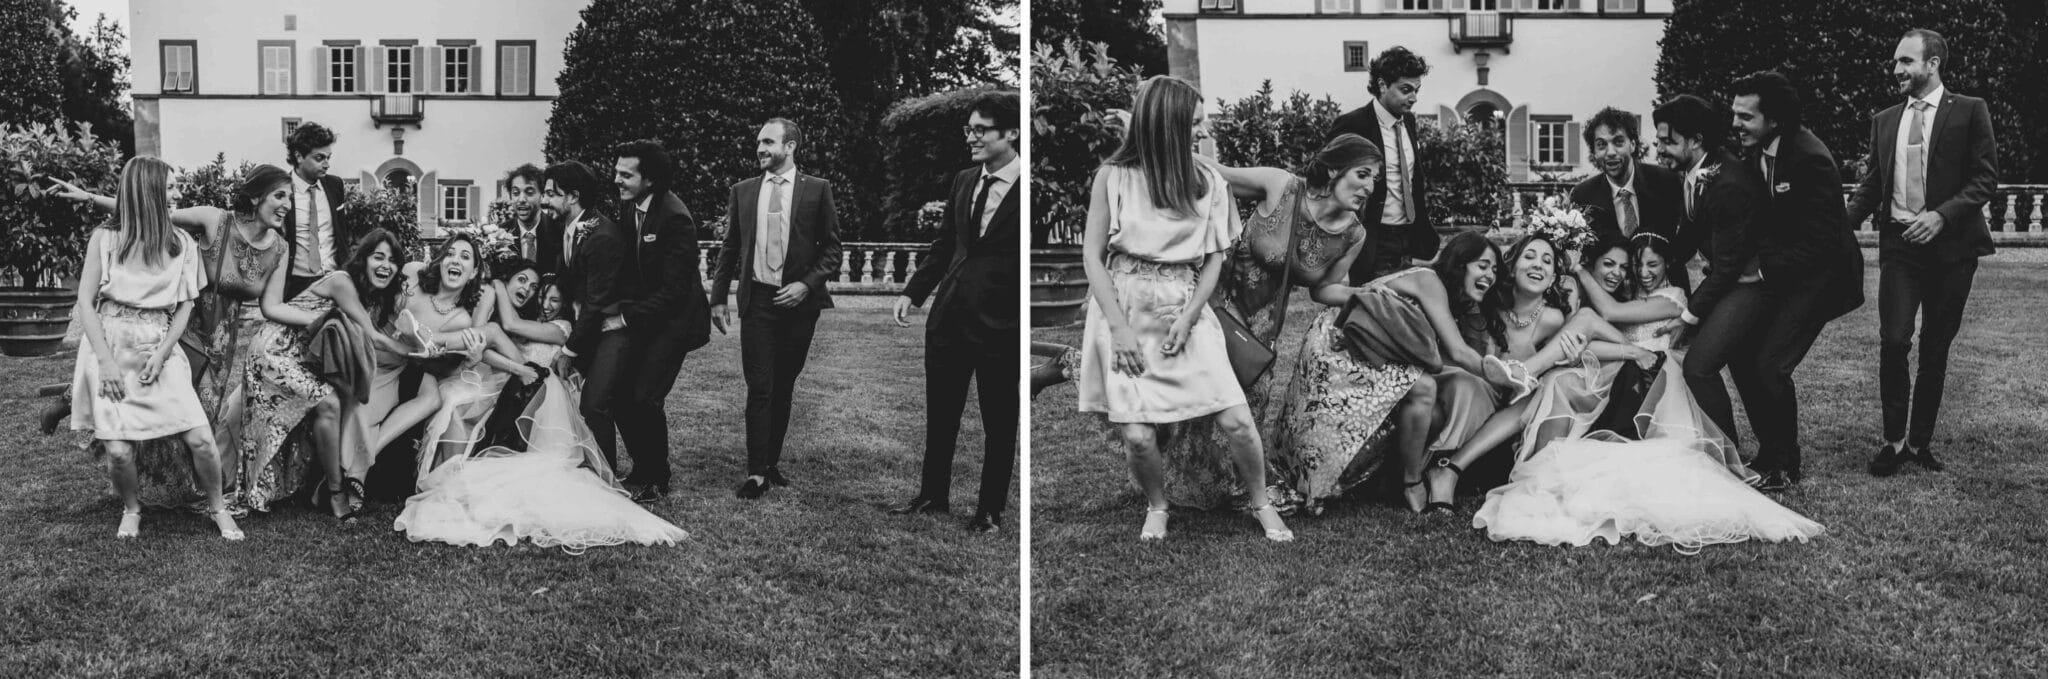 sequenza degli scherzi a Villa Grabau, Lucca, durante un matrimonio